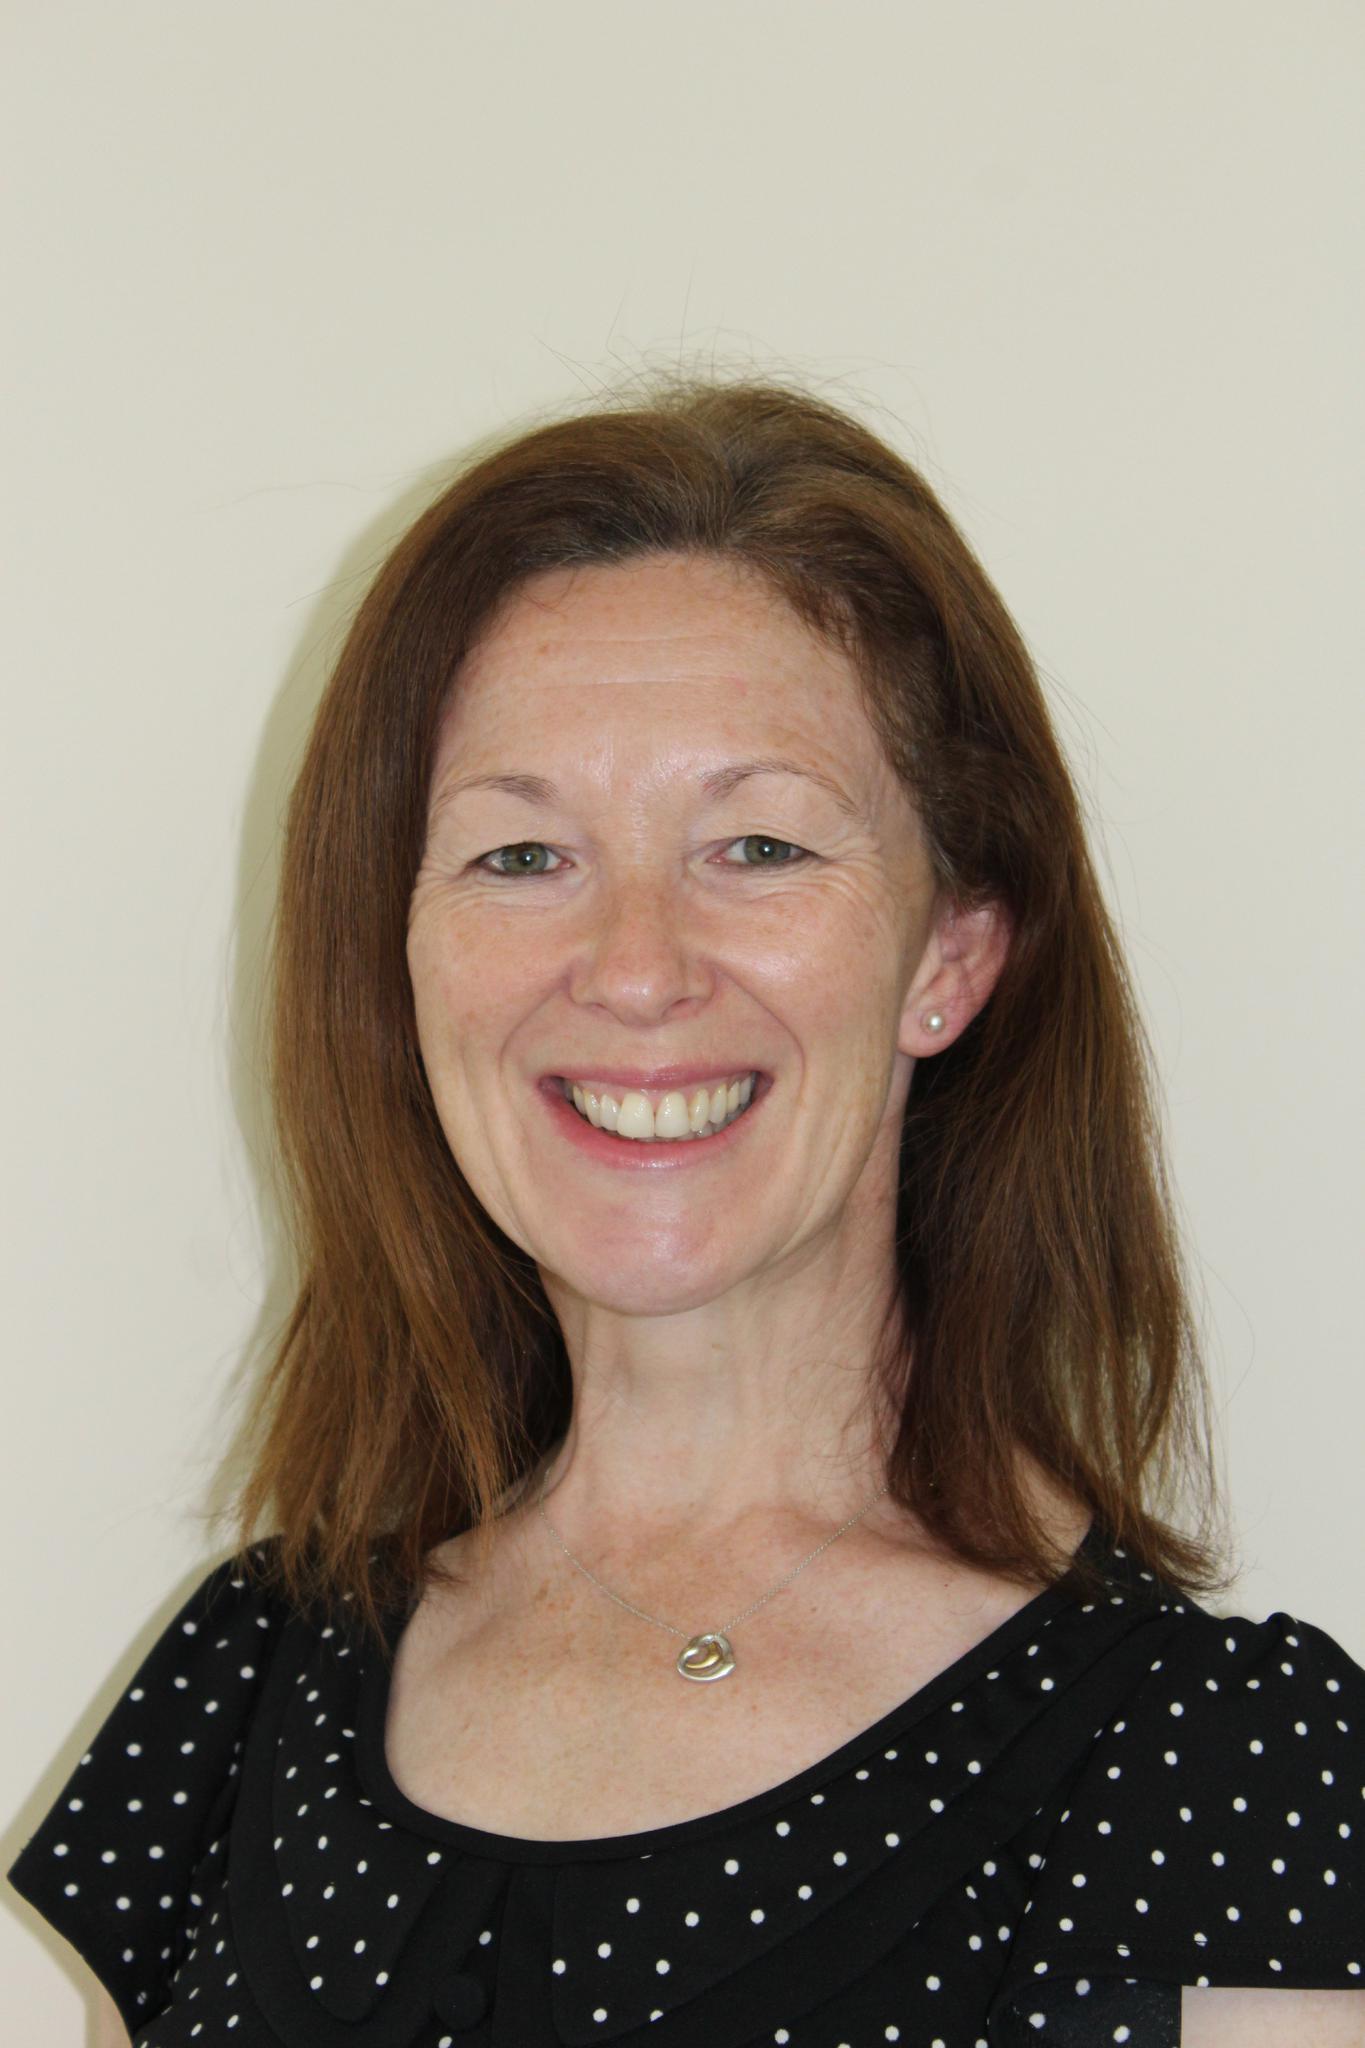 Julie Greeves OBE